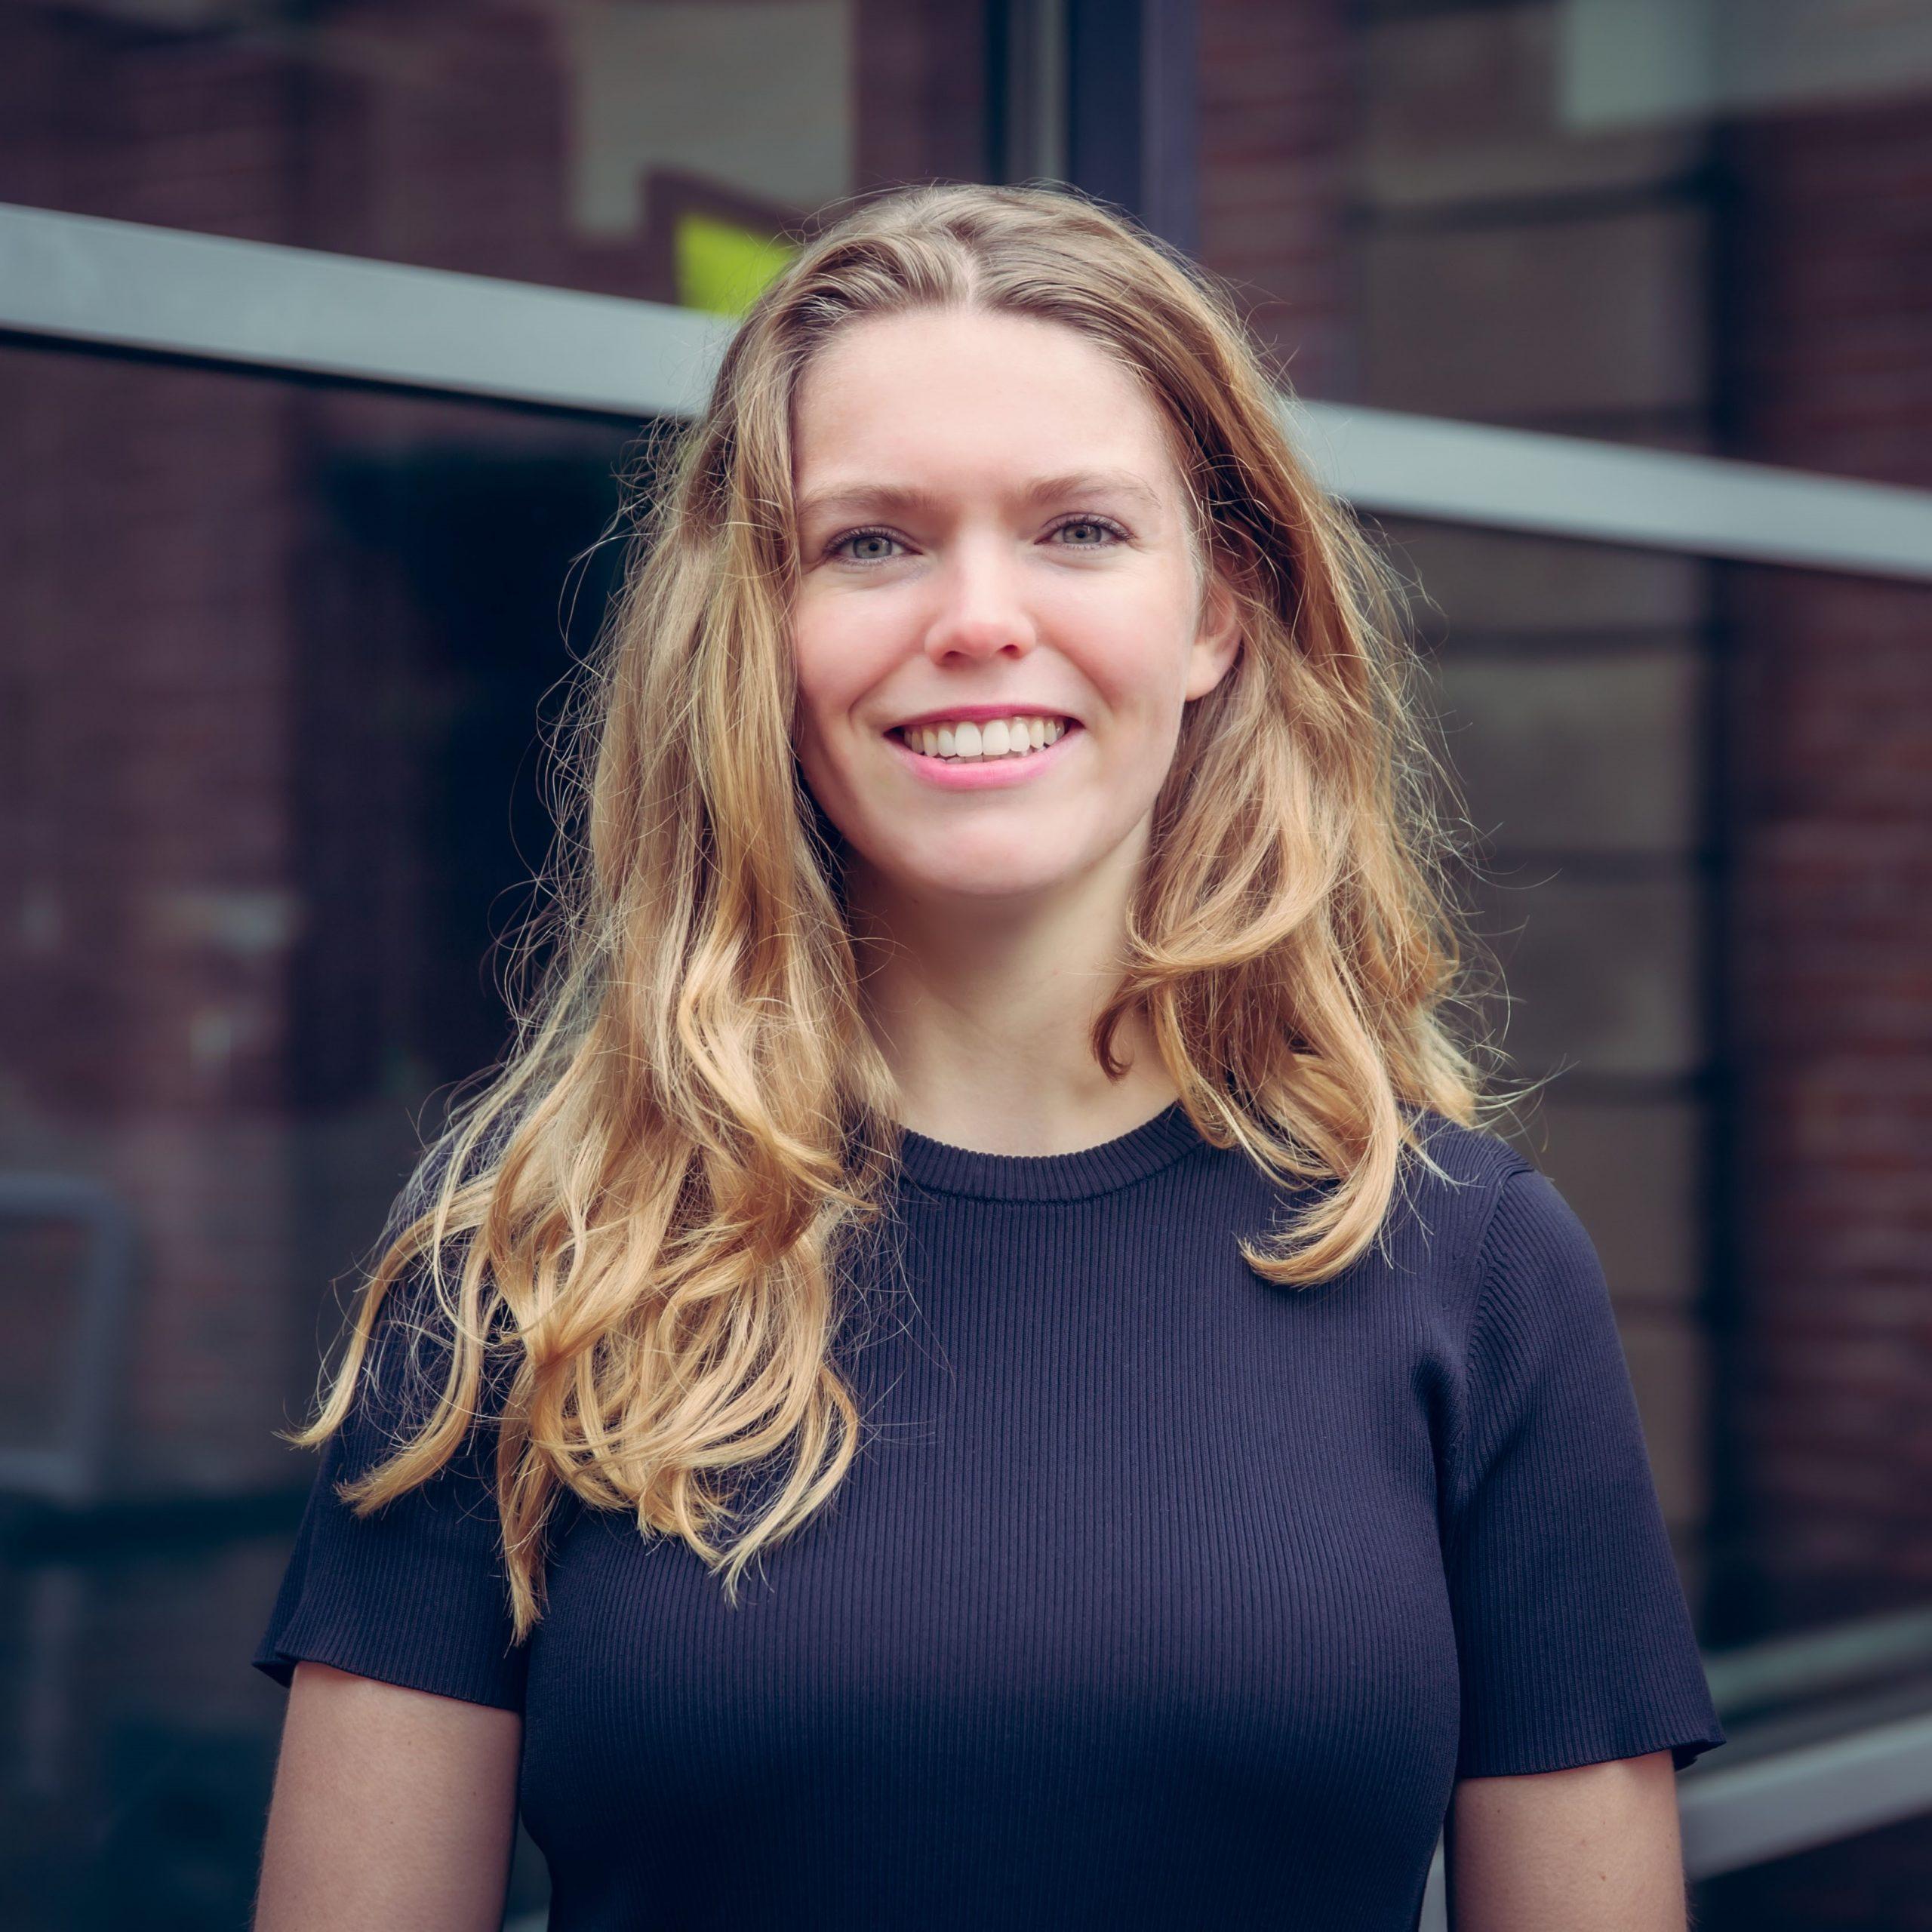 Marleen Kappert